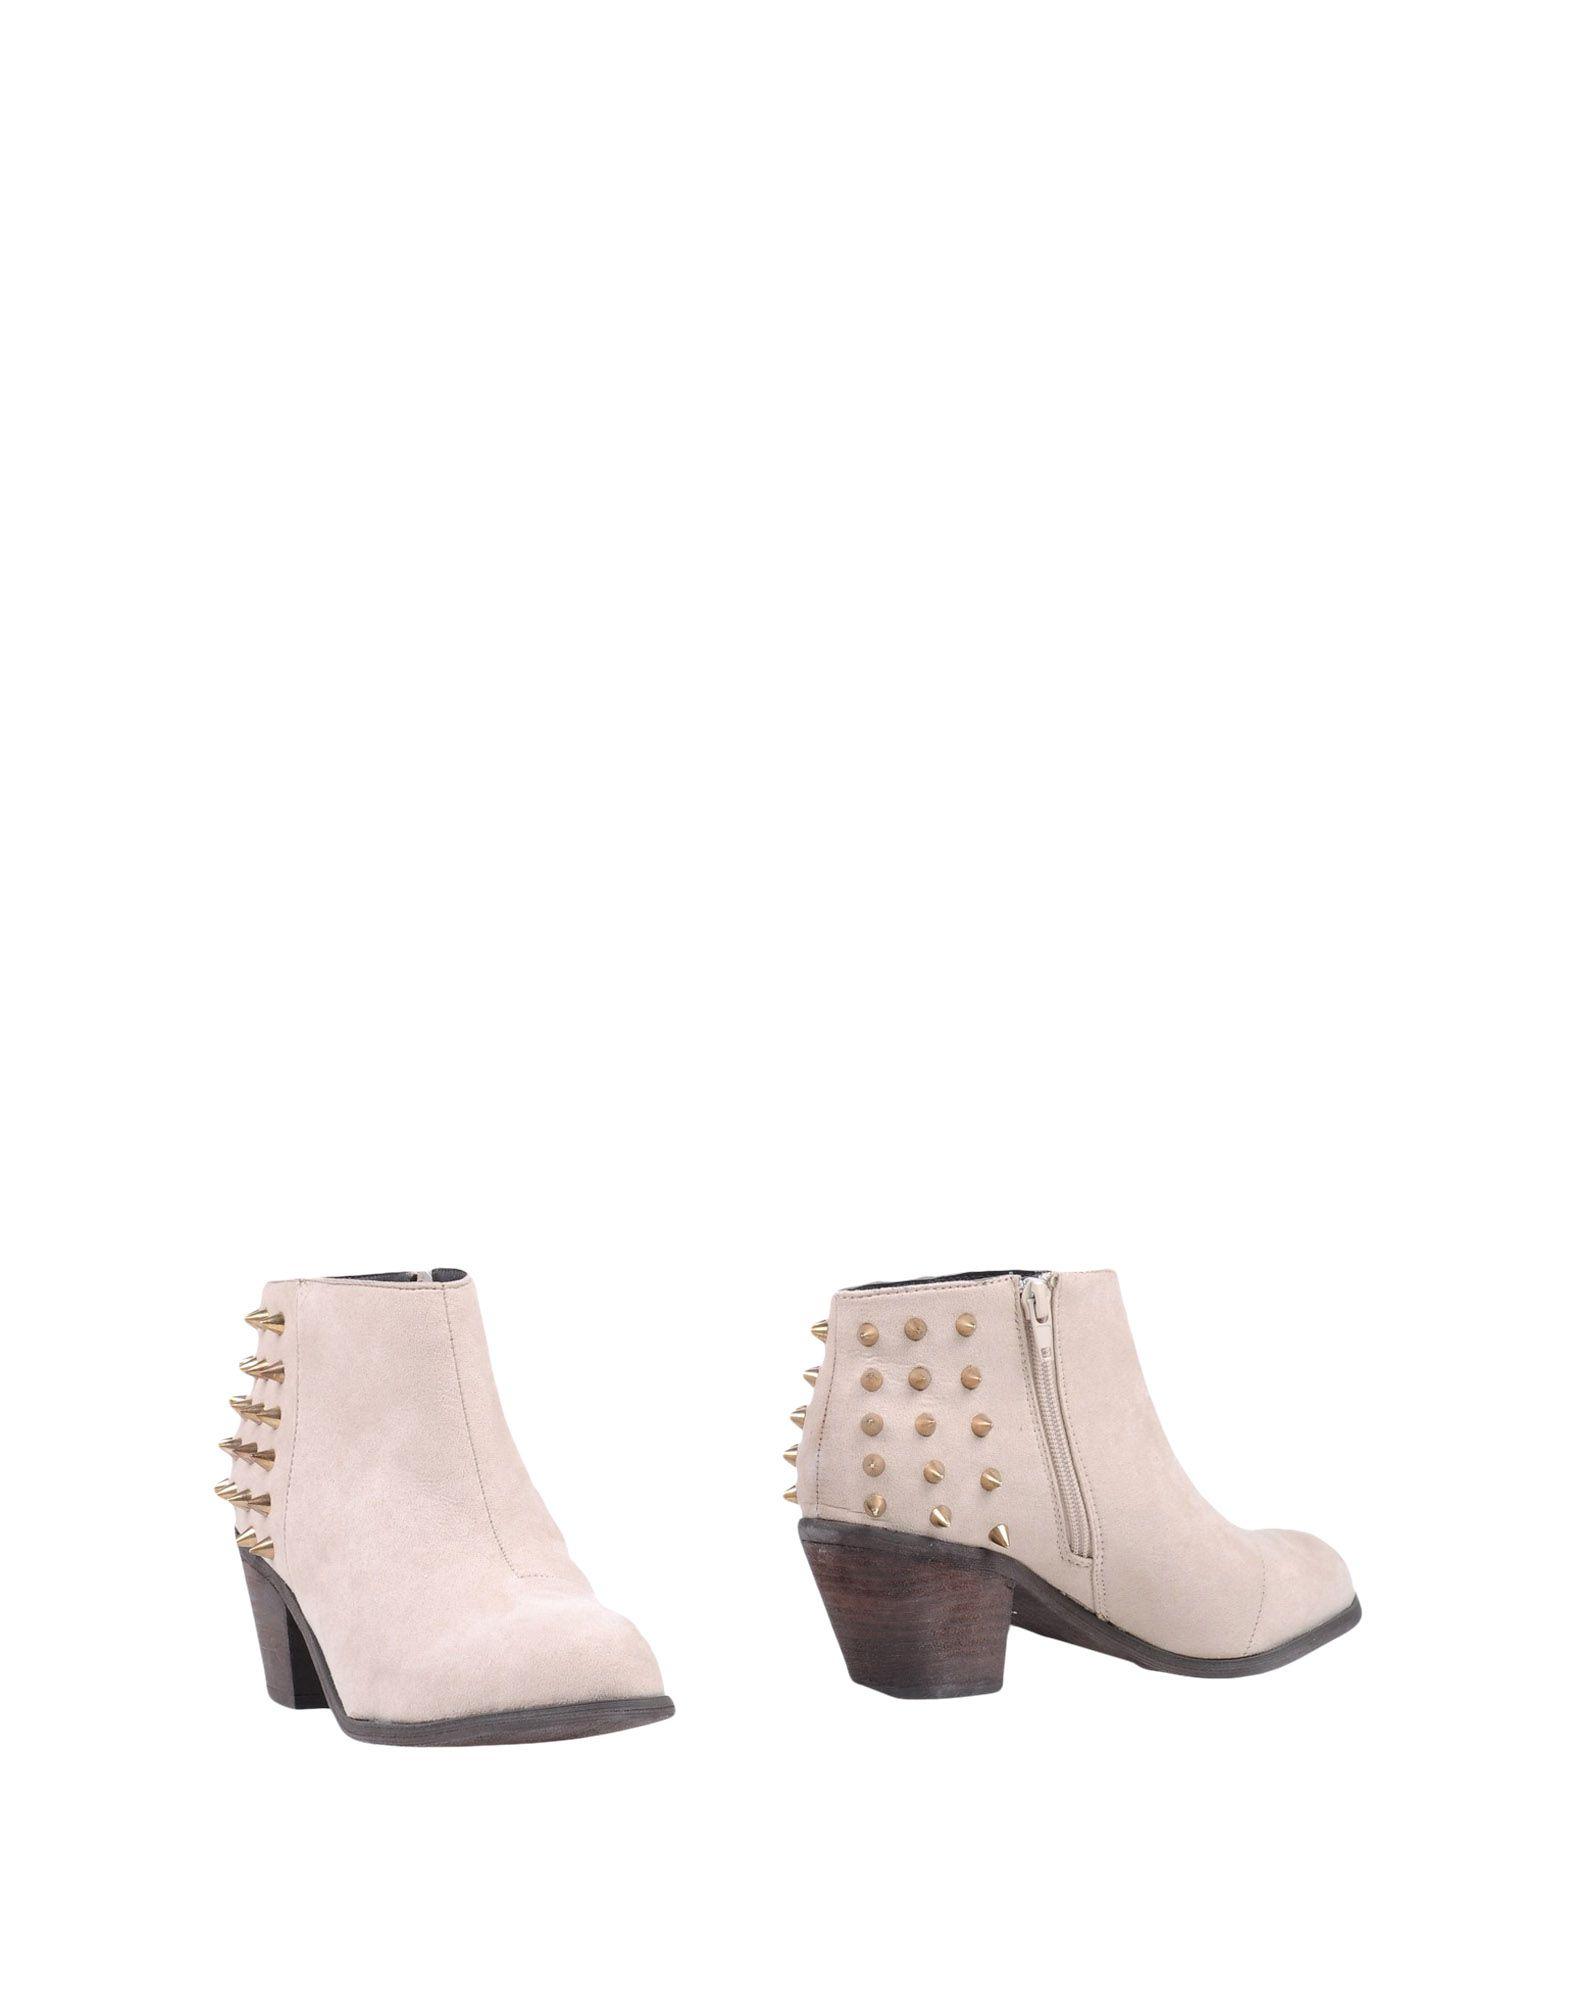 Blink® Stiefelette Damen  11379060VK 11379060VK  Heiße Schuhe fb046a